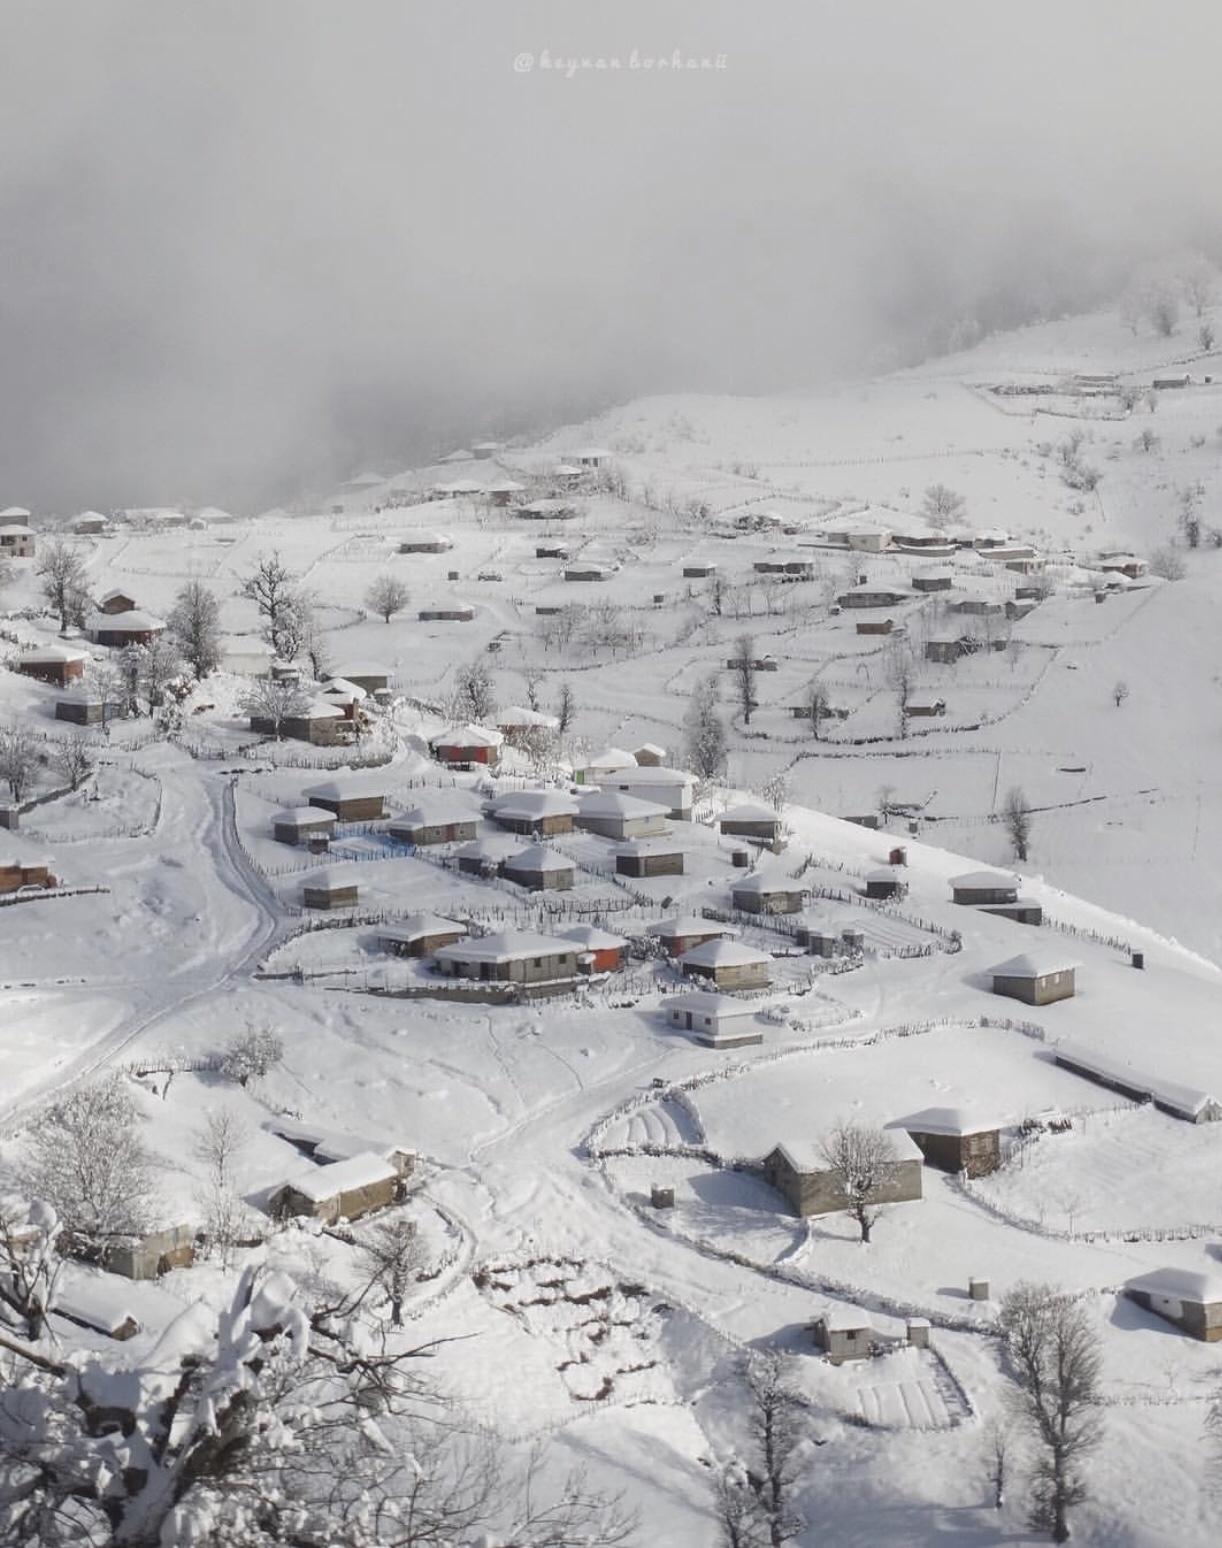 عدسة إيرانية: مرتفعات أسالم في غيلان شمالي إيران 1